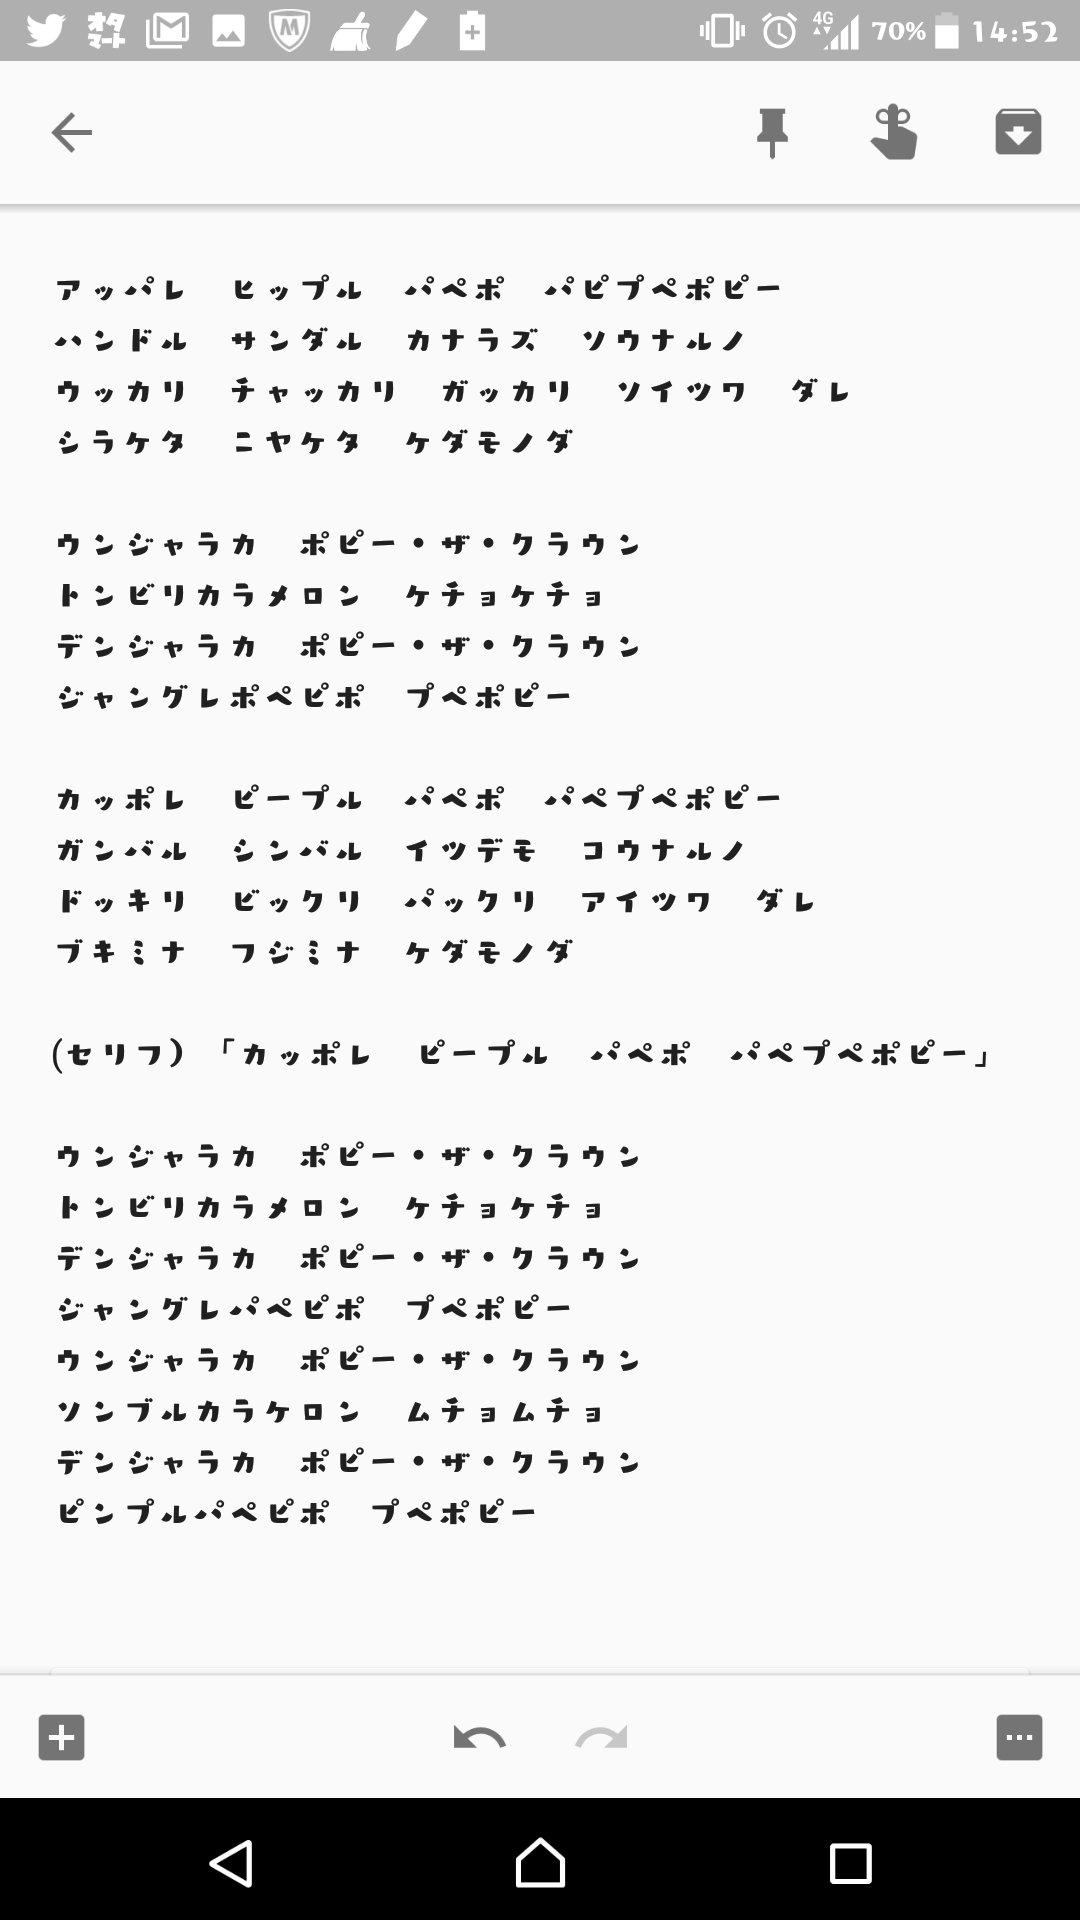 ヨーデル 歌詞 カタカナ